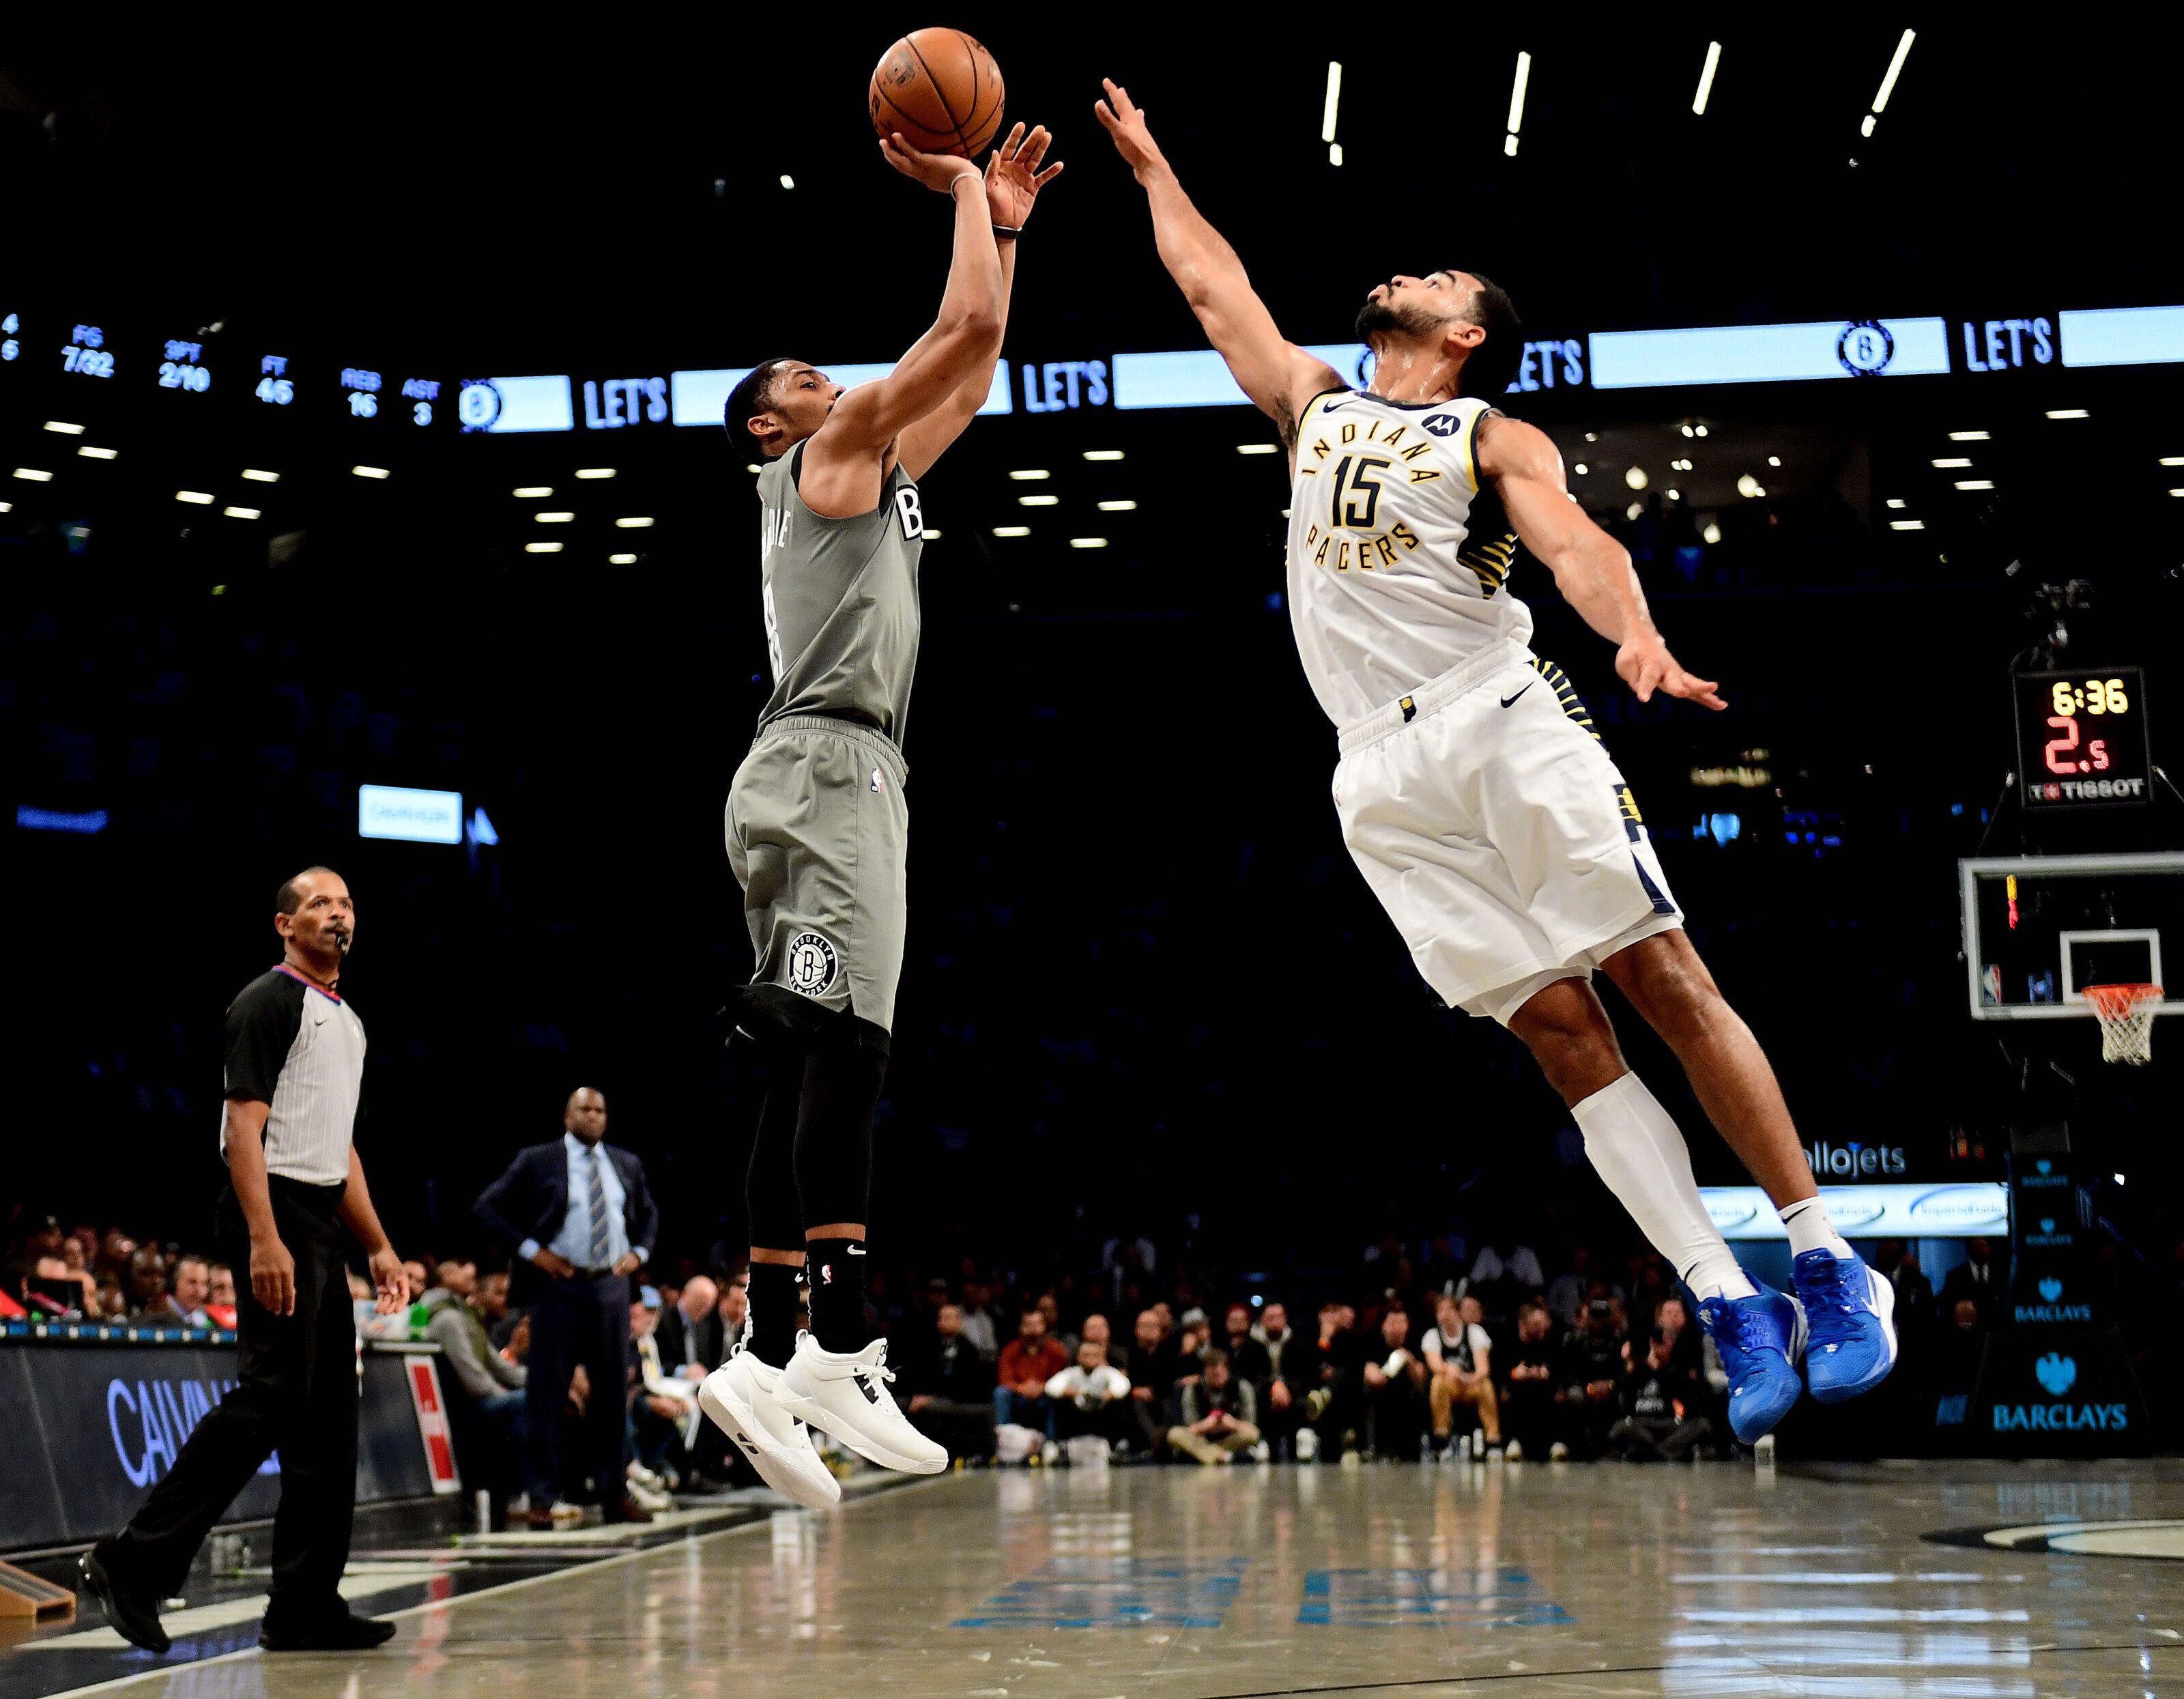 Brooklyn Nets: Spencer Dinwiddie making strides this season